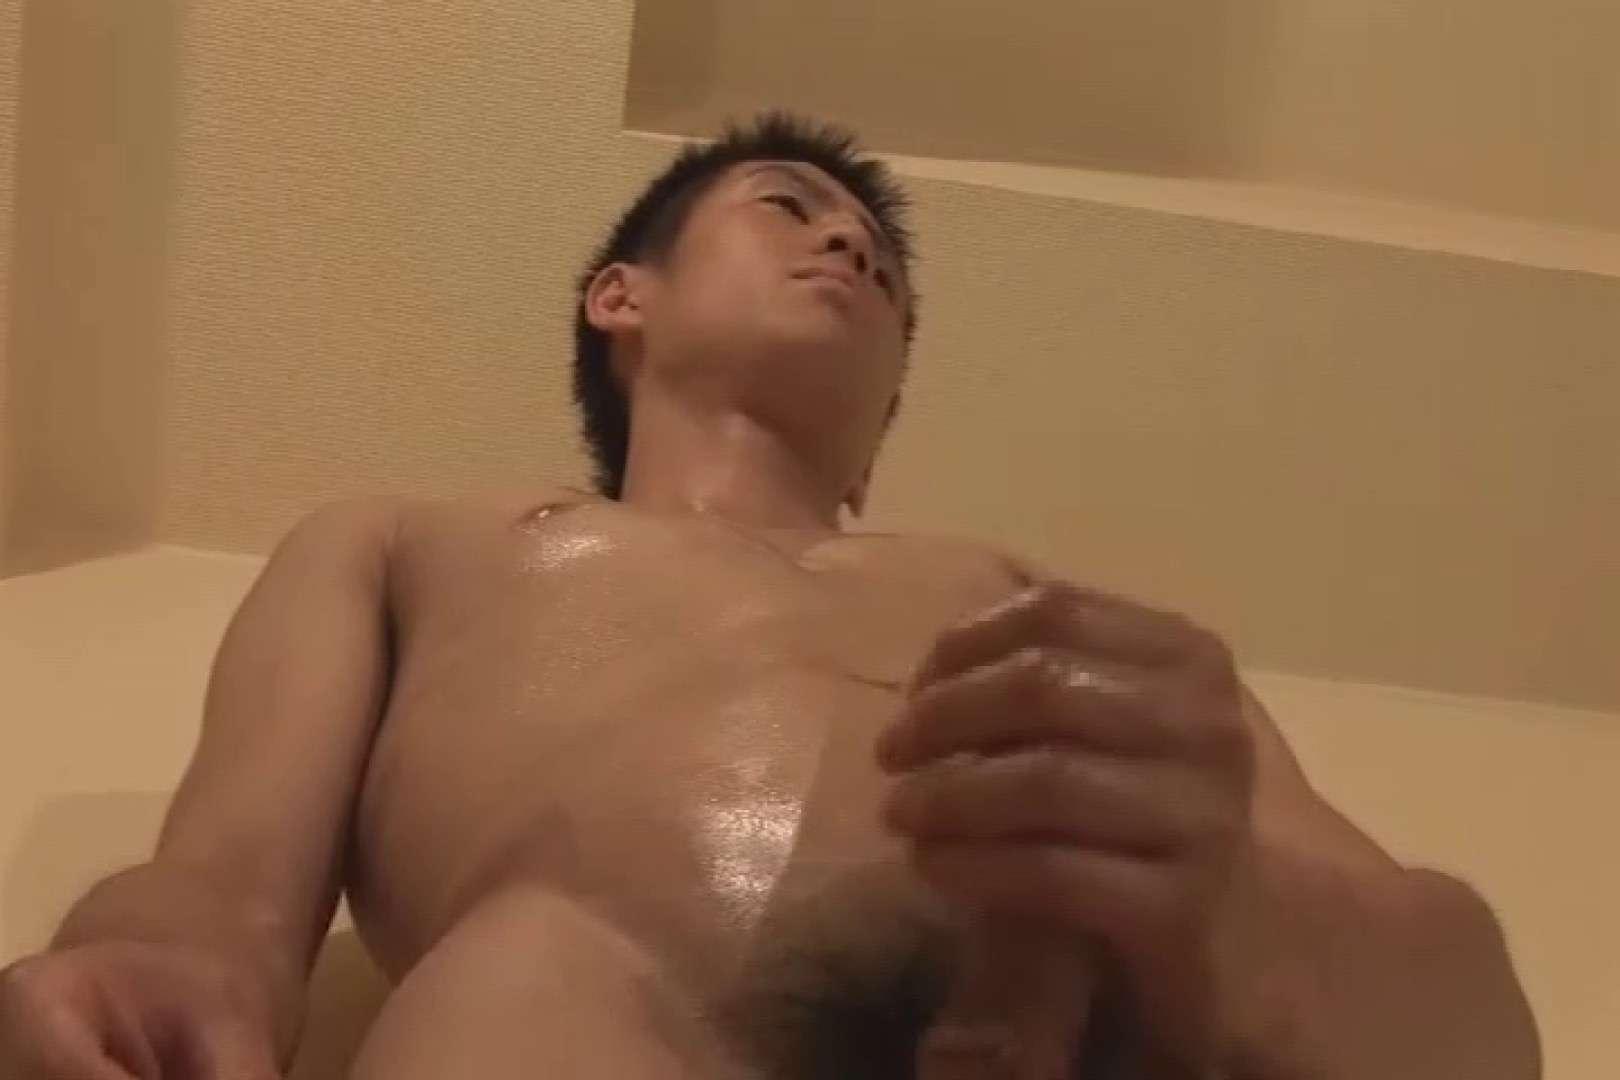 暴れん棒!!雄穴を狙え!! vol.04 自慰シーン ゲイセックス画像 112枚 80